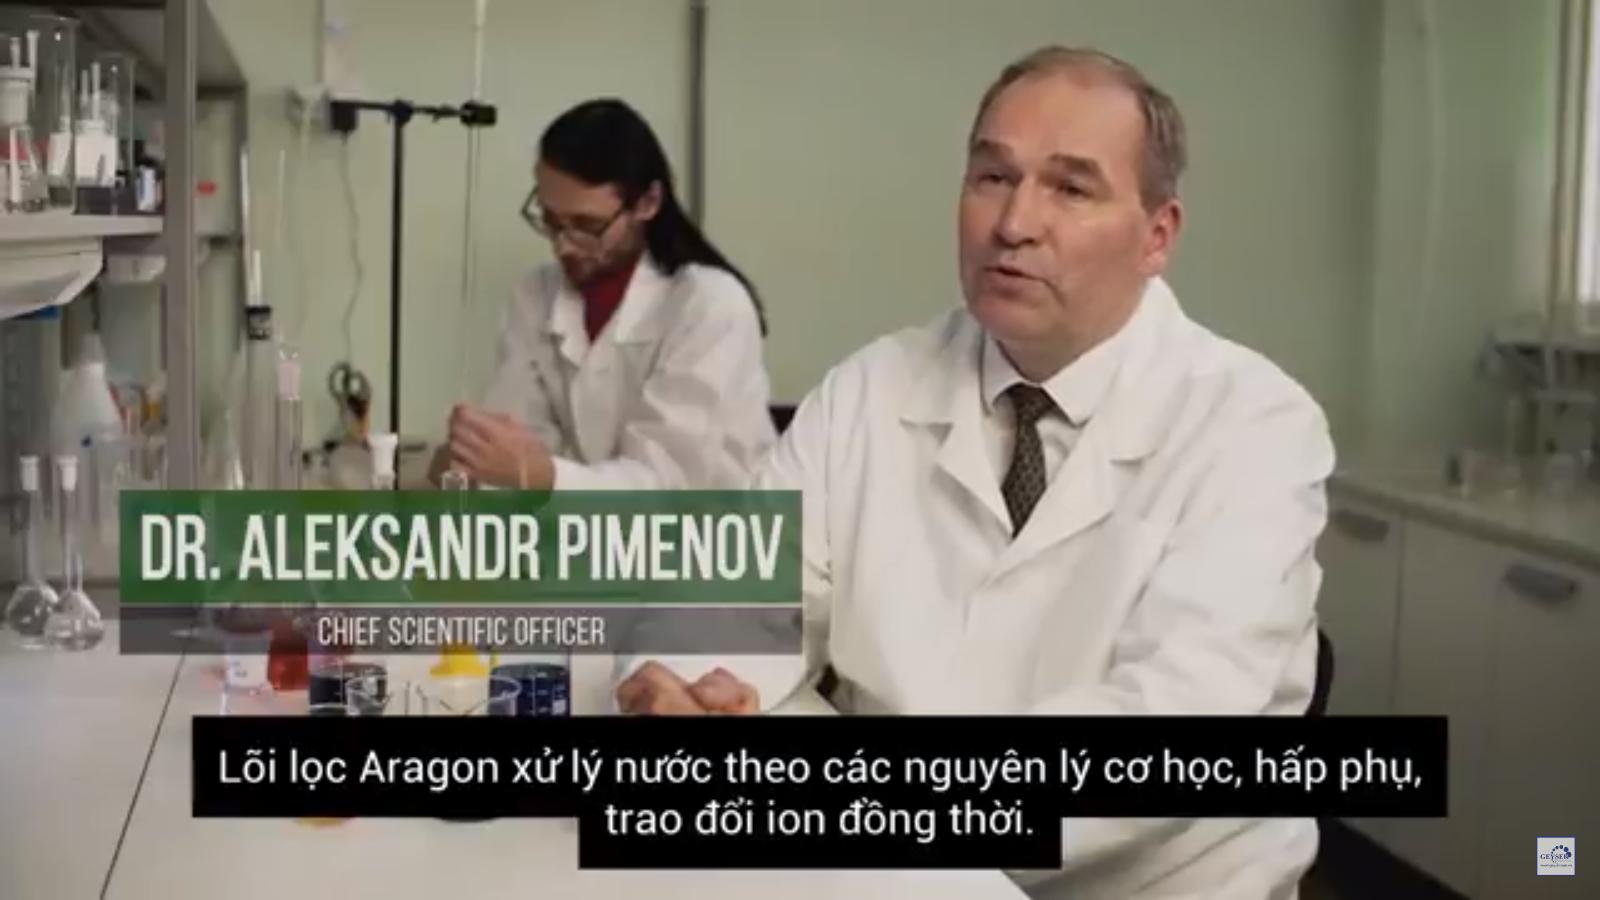 Lõi lọc Aragon